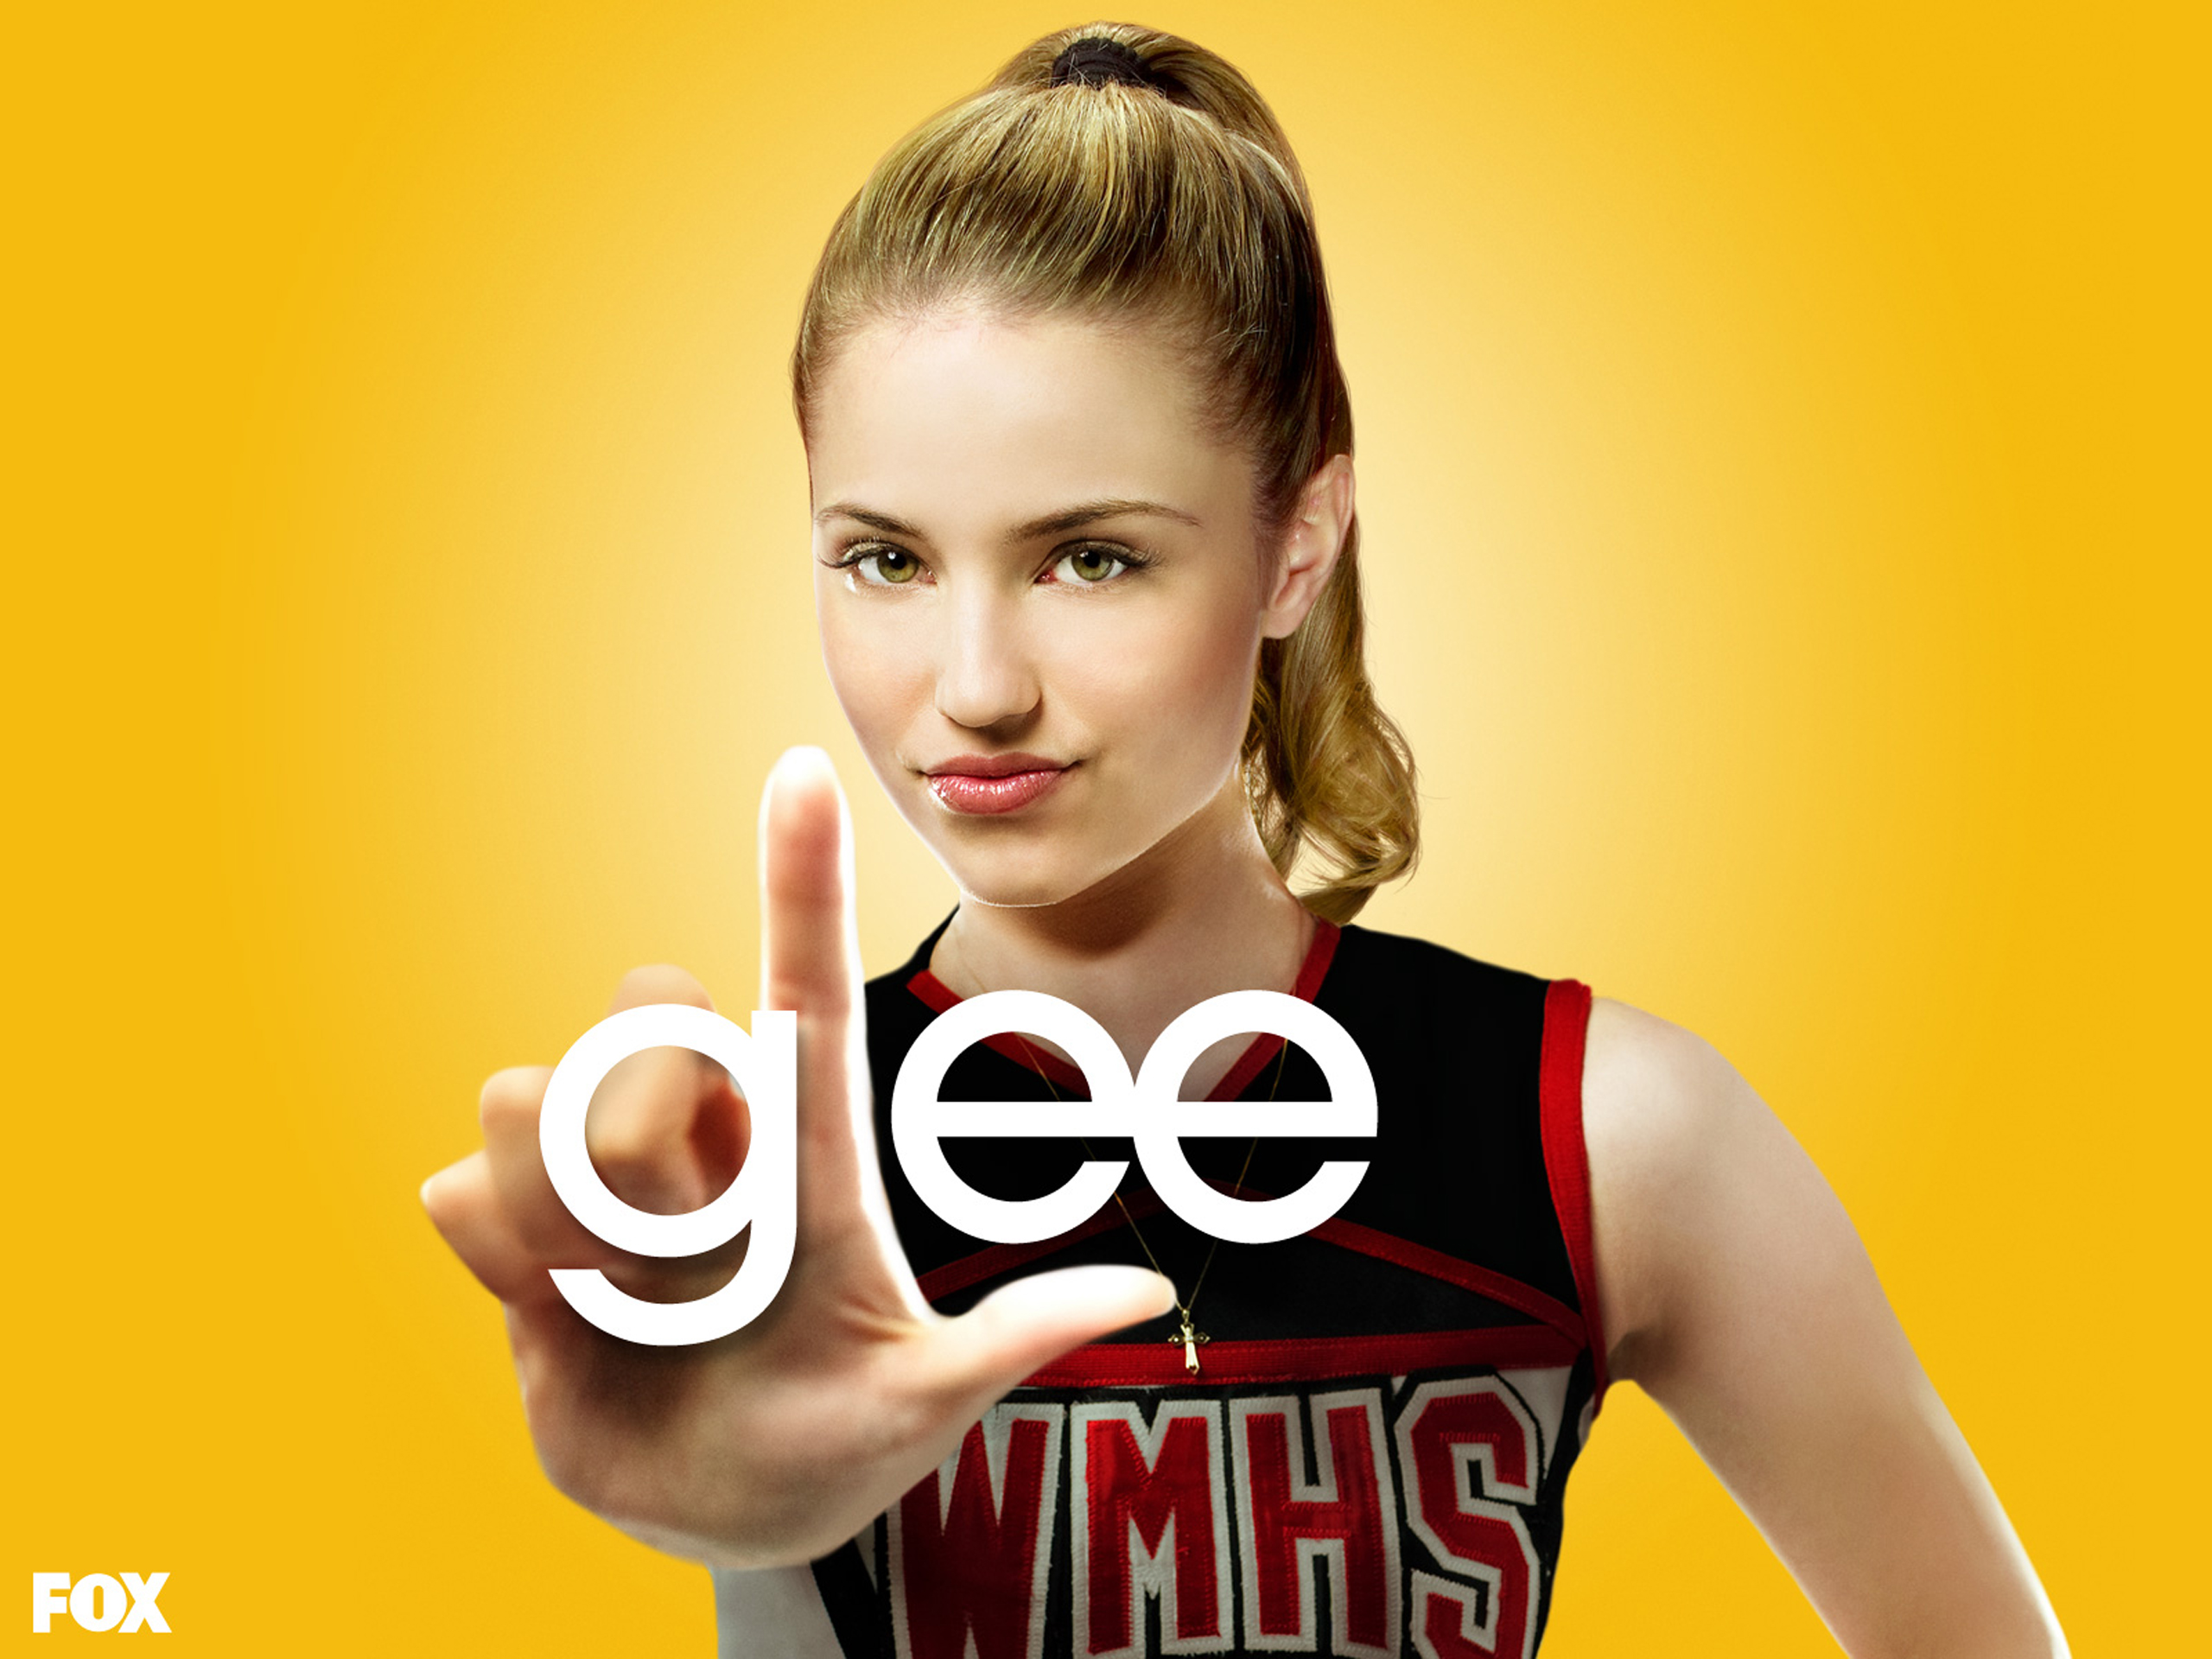 Glee Wallpapers Desktop Wallpapers 2560x1920